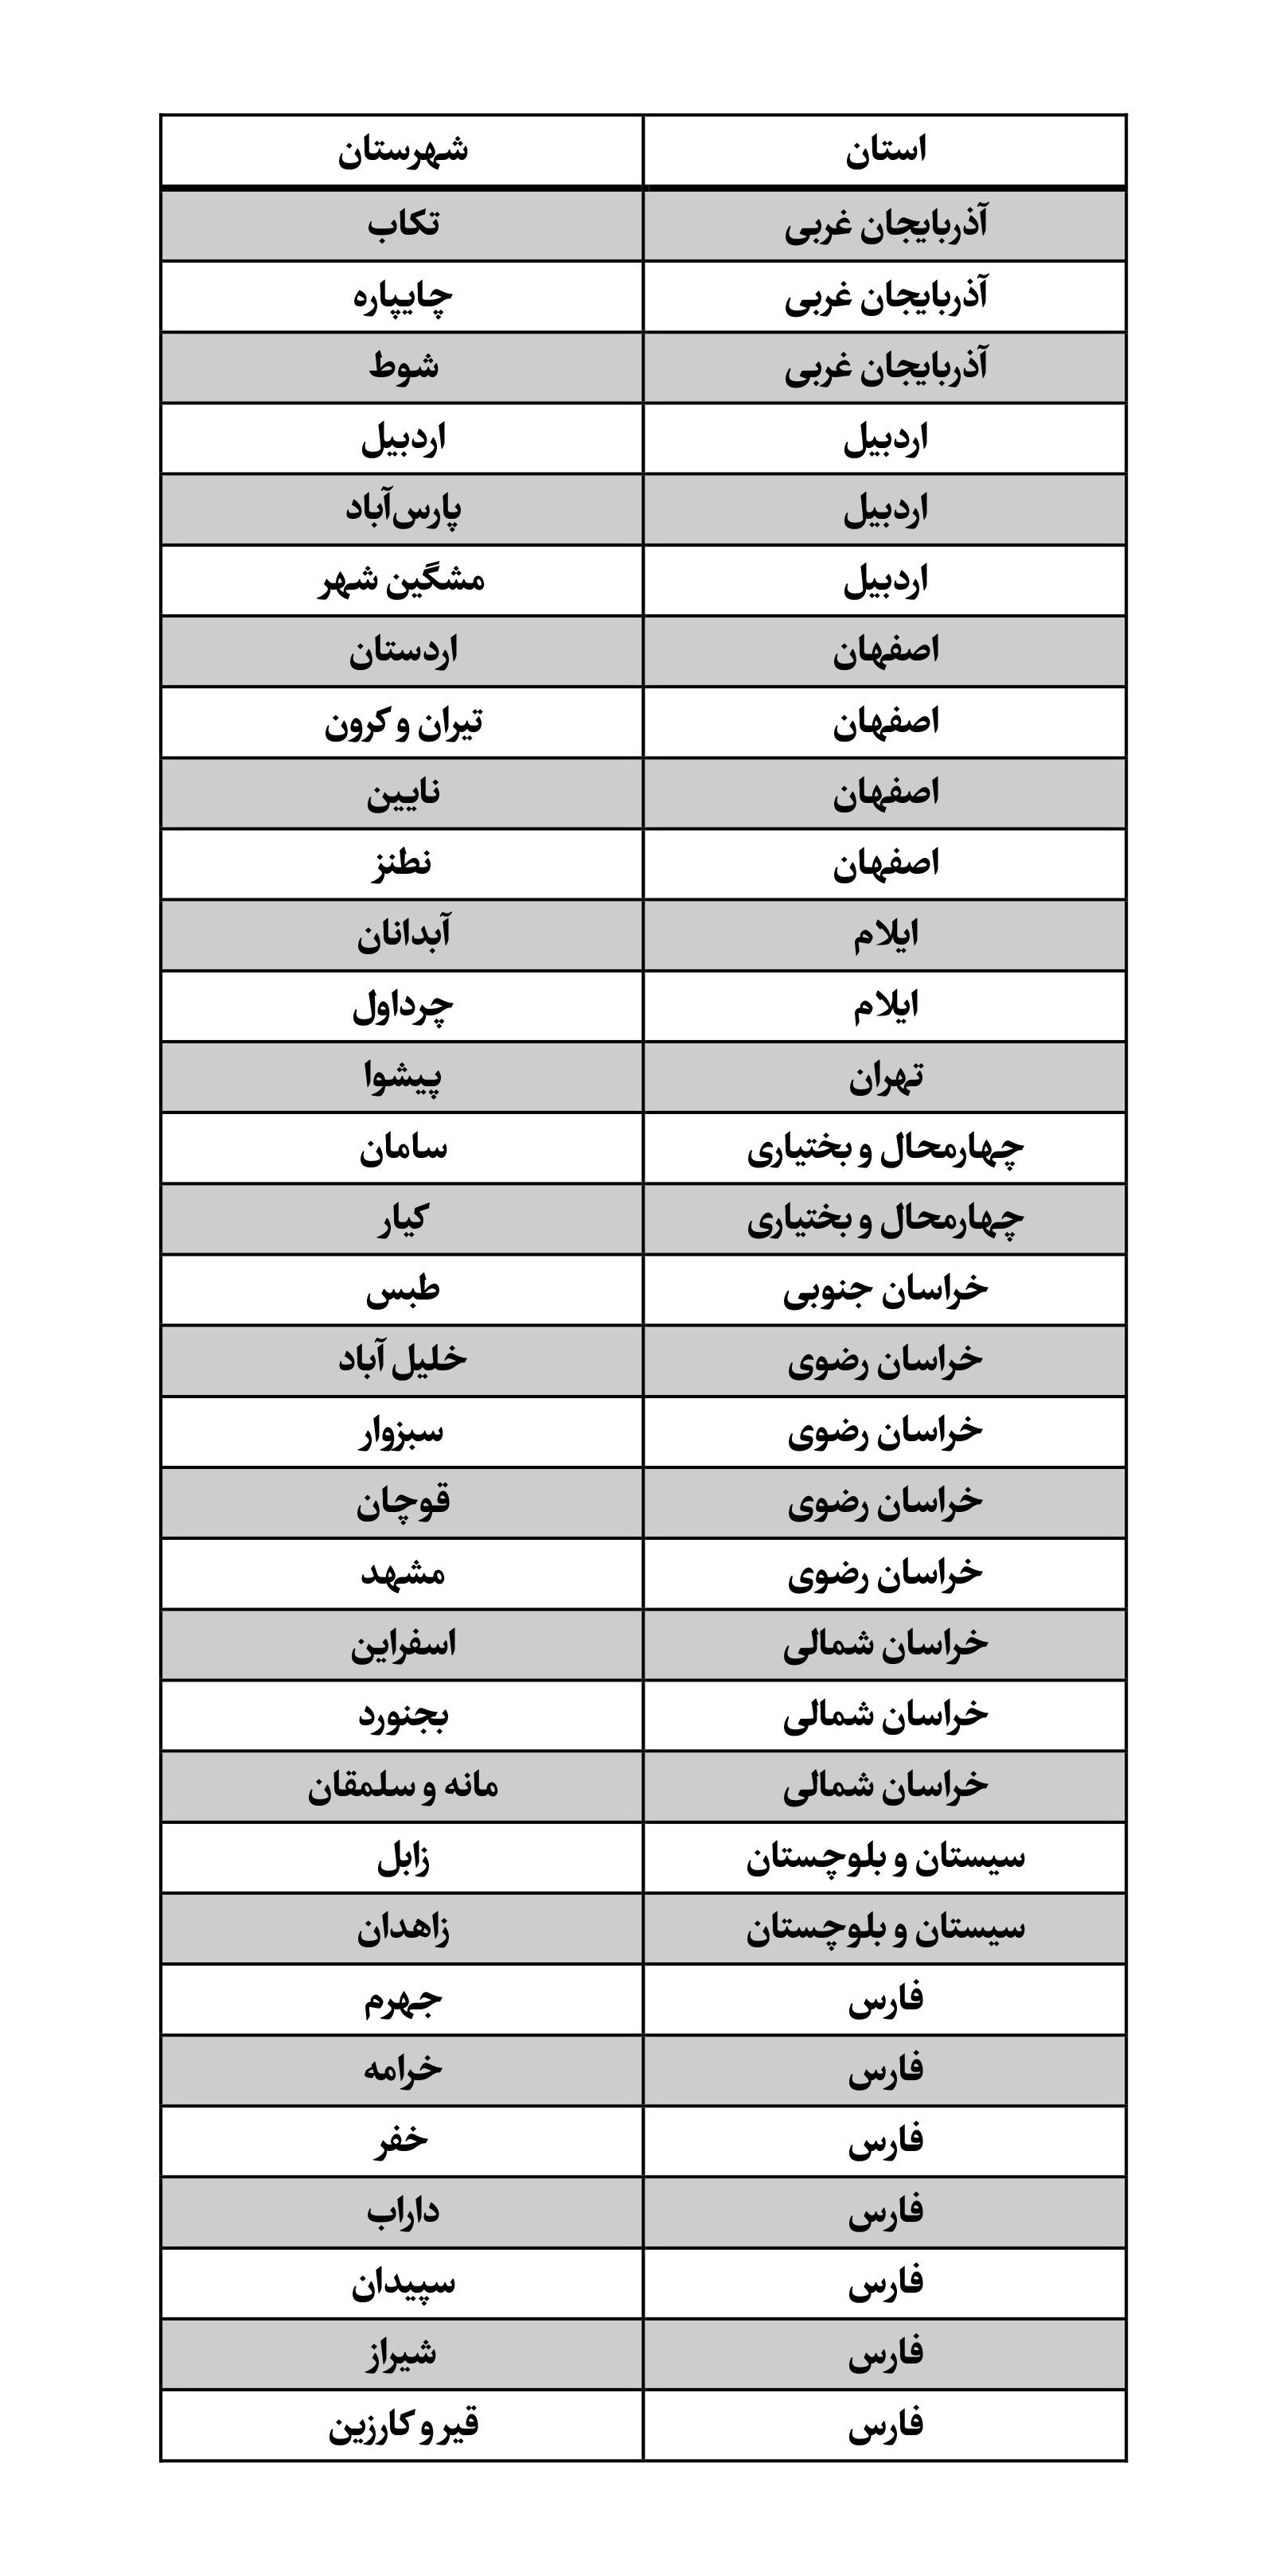 فهرست شهرستانهایی که از روز شنبه ۱۵ آذر قرمز خواهند بود/ تهران از روز شنبه در وضعیت نارنجی خواهد بود